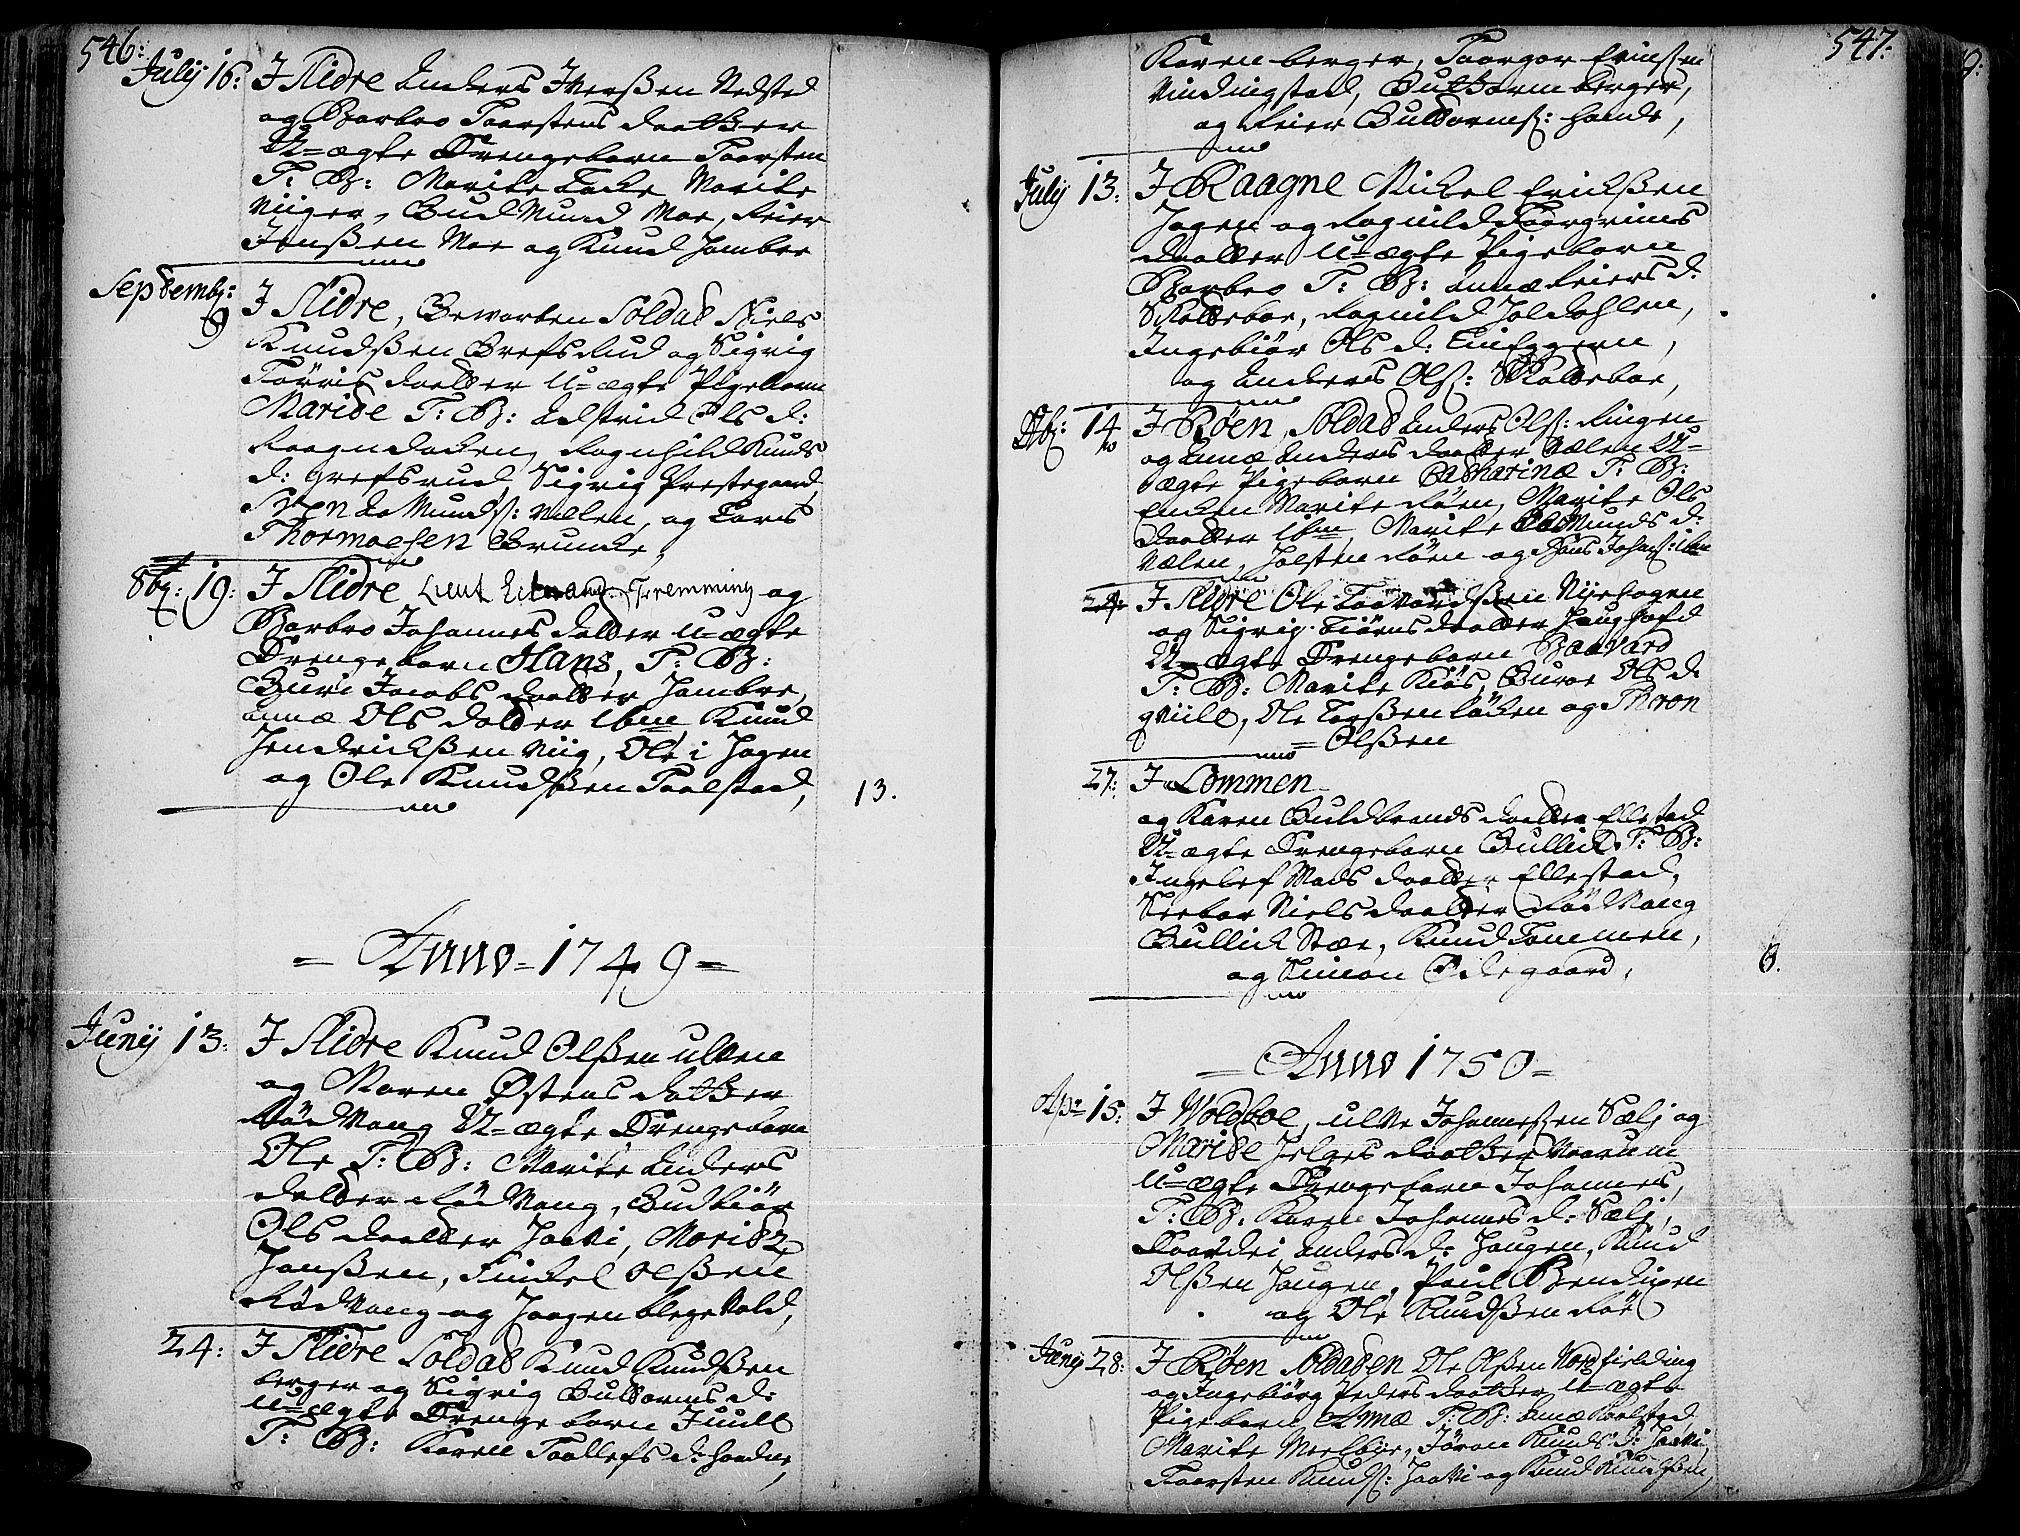 SAH, Slidre prestekontor, Ministerialbok nr. 1, 1724-1814, s. 546-547